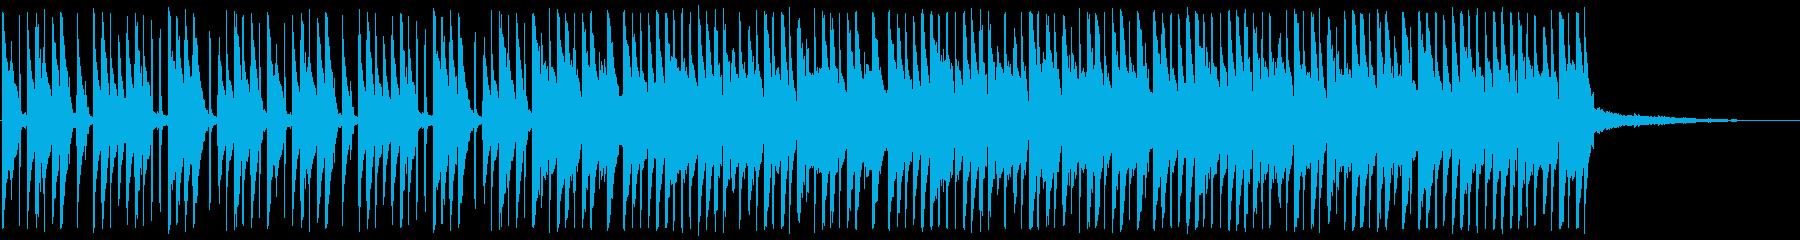 怪しい/潜入_No487_2の再生済みの波形